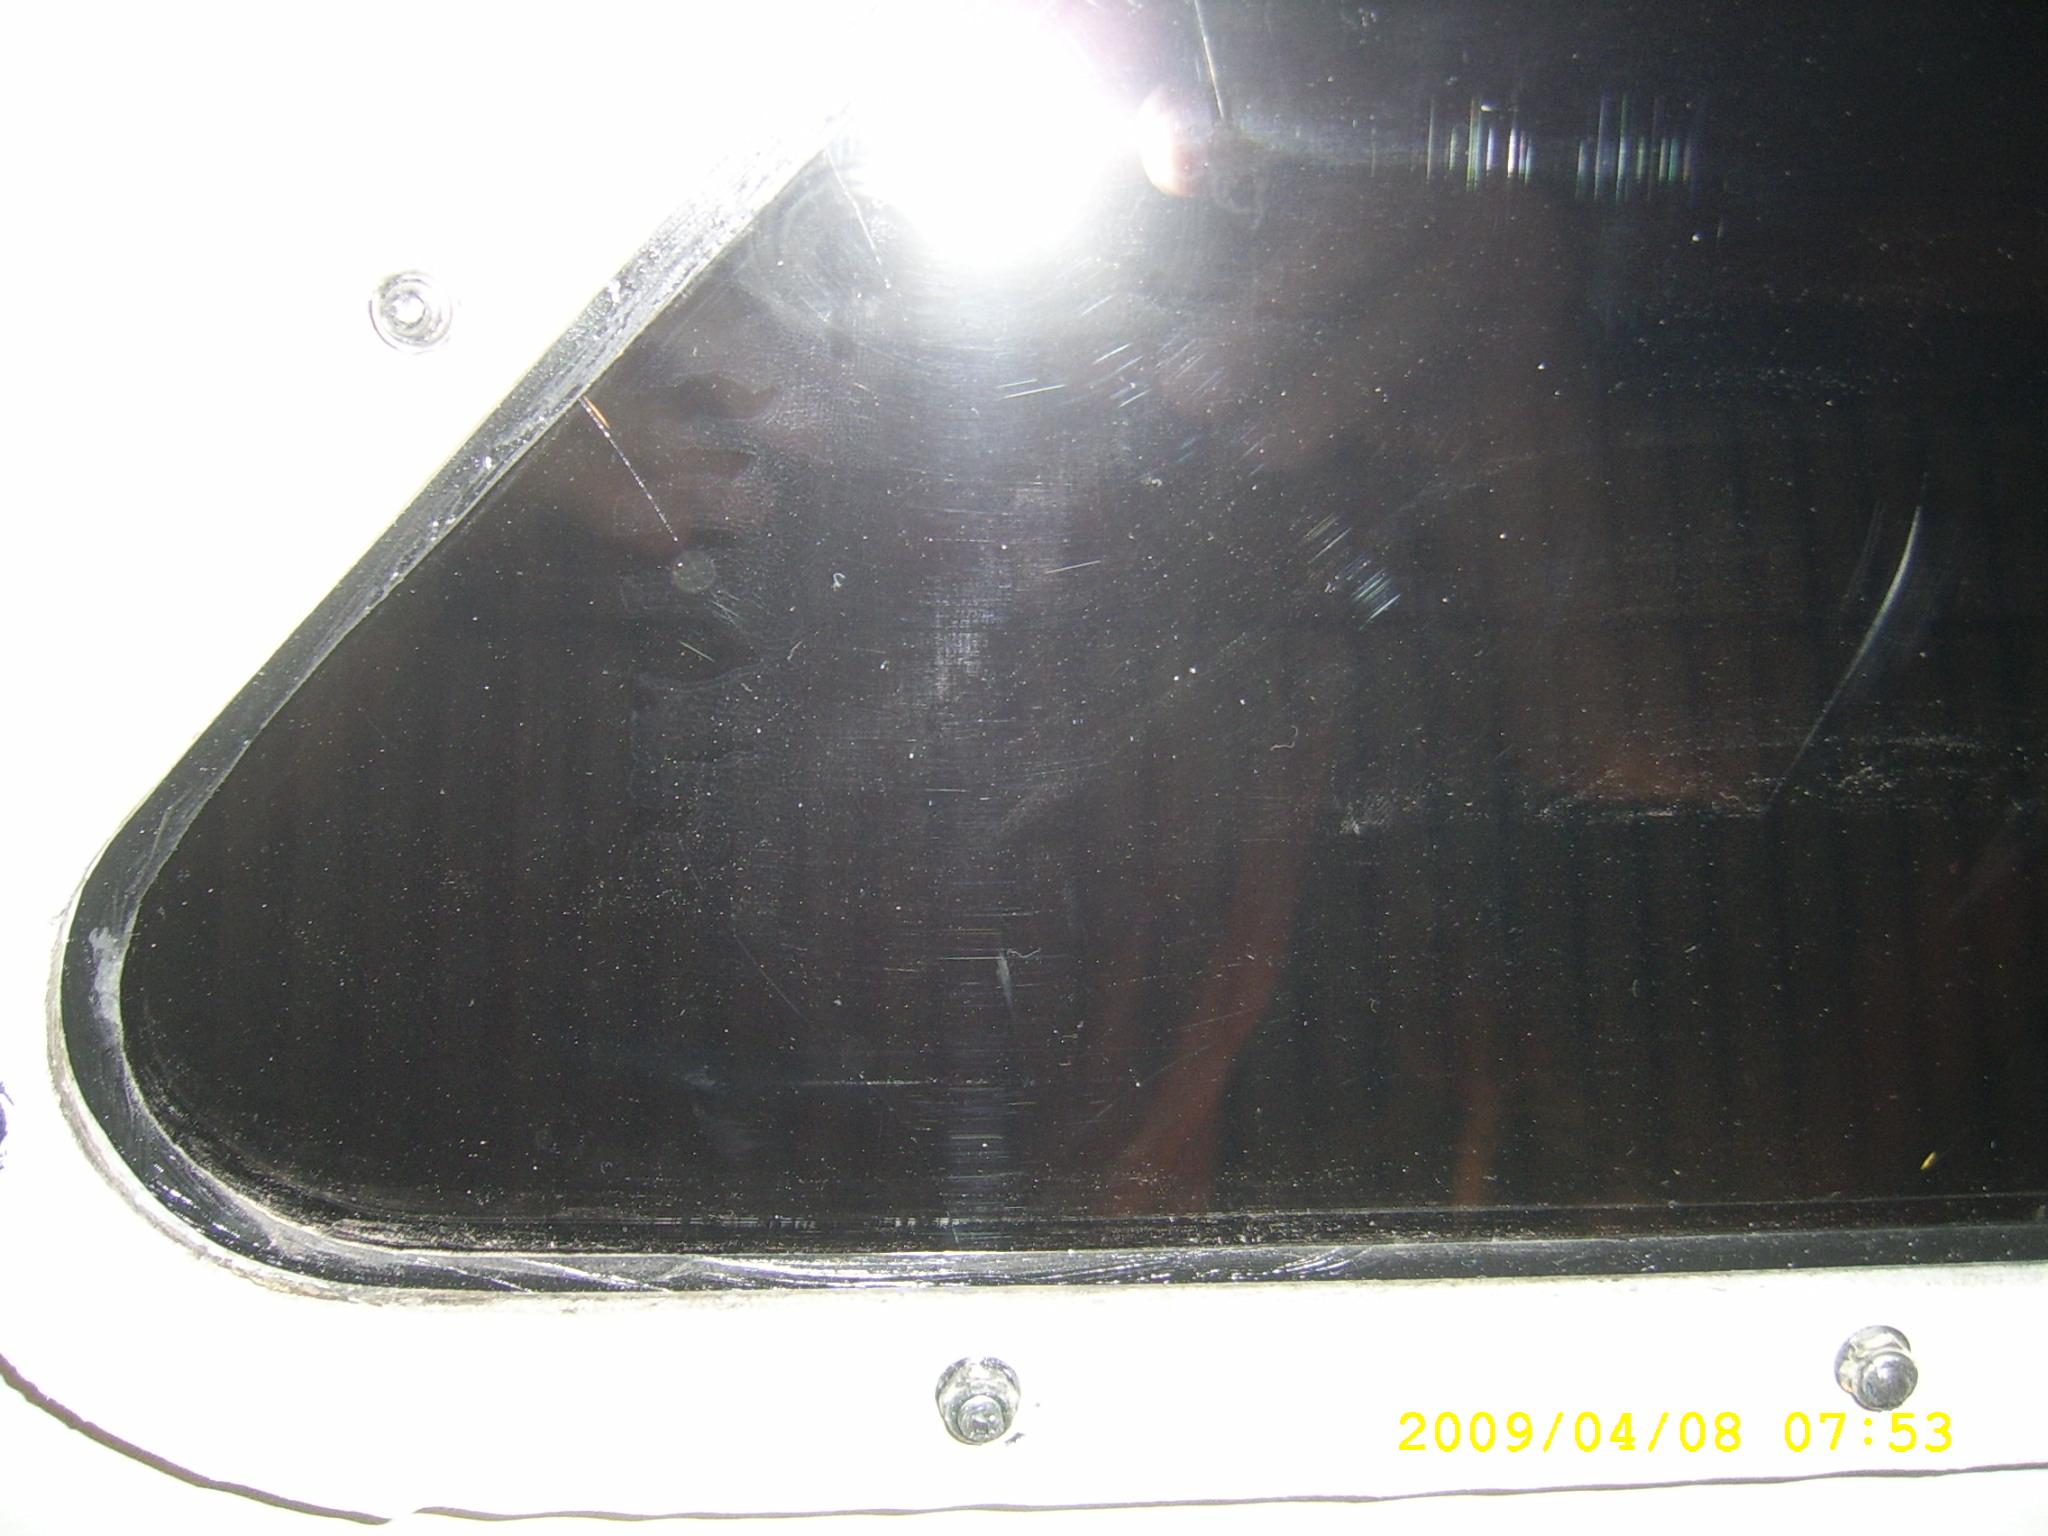 Lexan window cracks - help needed | Boat Design Net